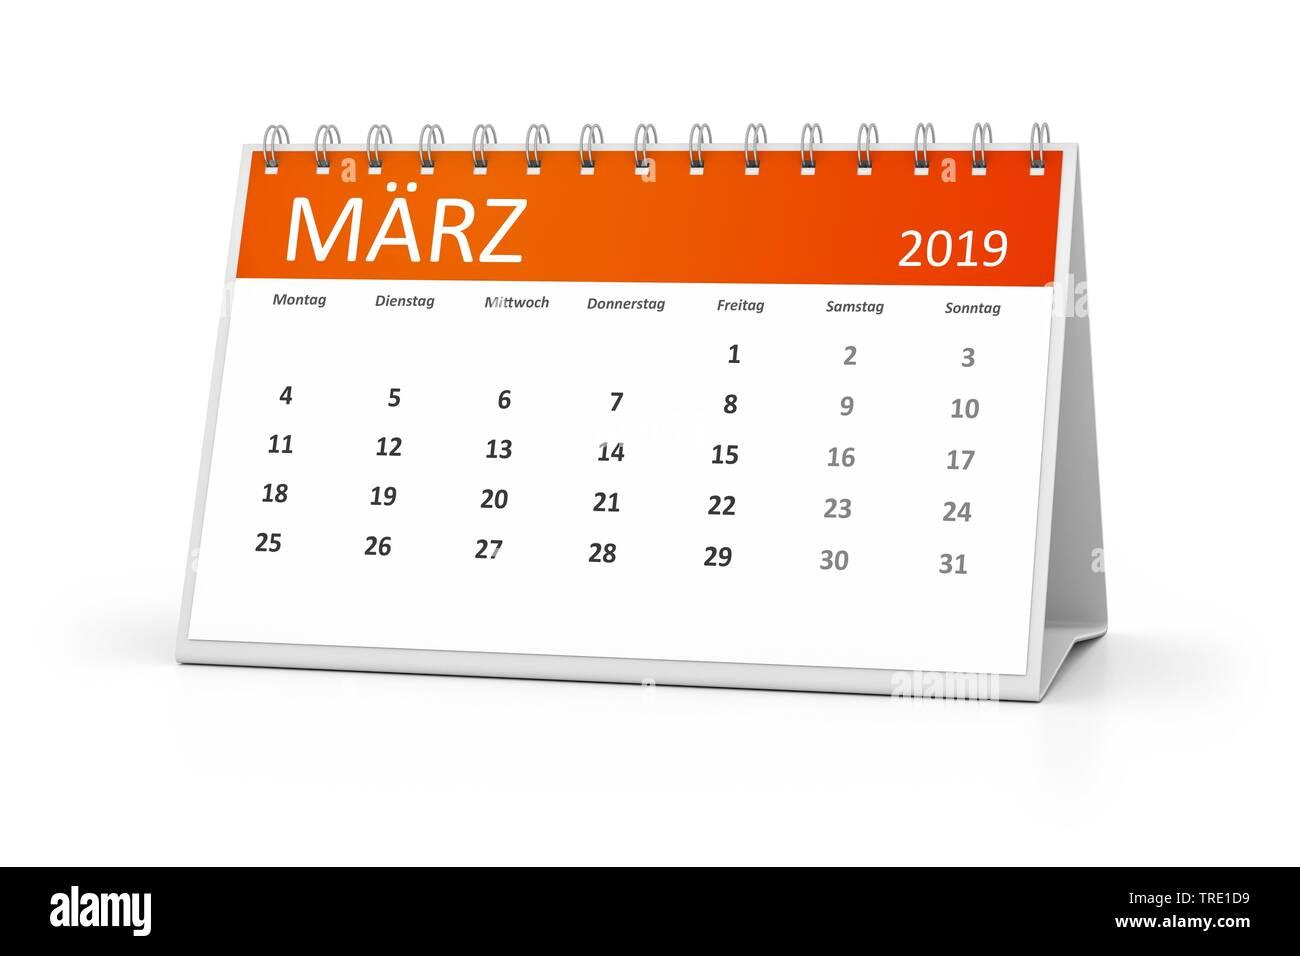 Kalenderblatt fuer den Maerz 2019 | a table calendar for your events 2019 march 3d illustration | BLWS514582.jpg [ (c) blickwinkel/McPHOTO/M. Gann Tel - Stock Image